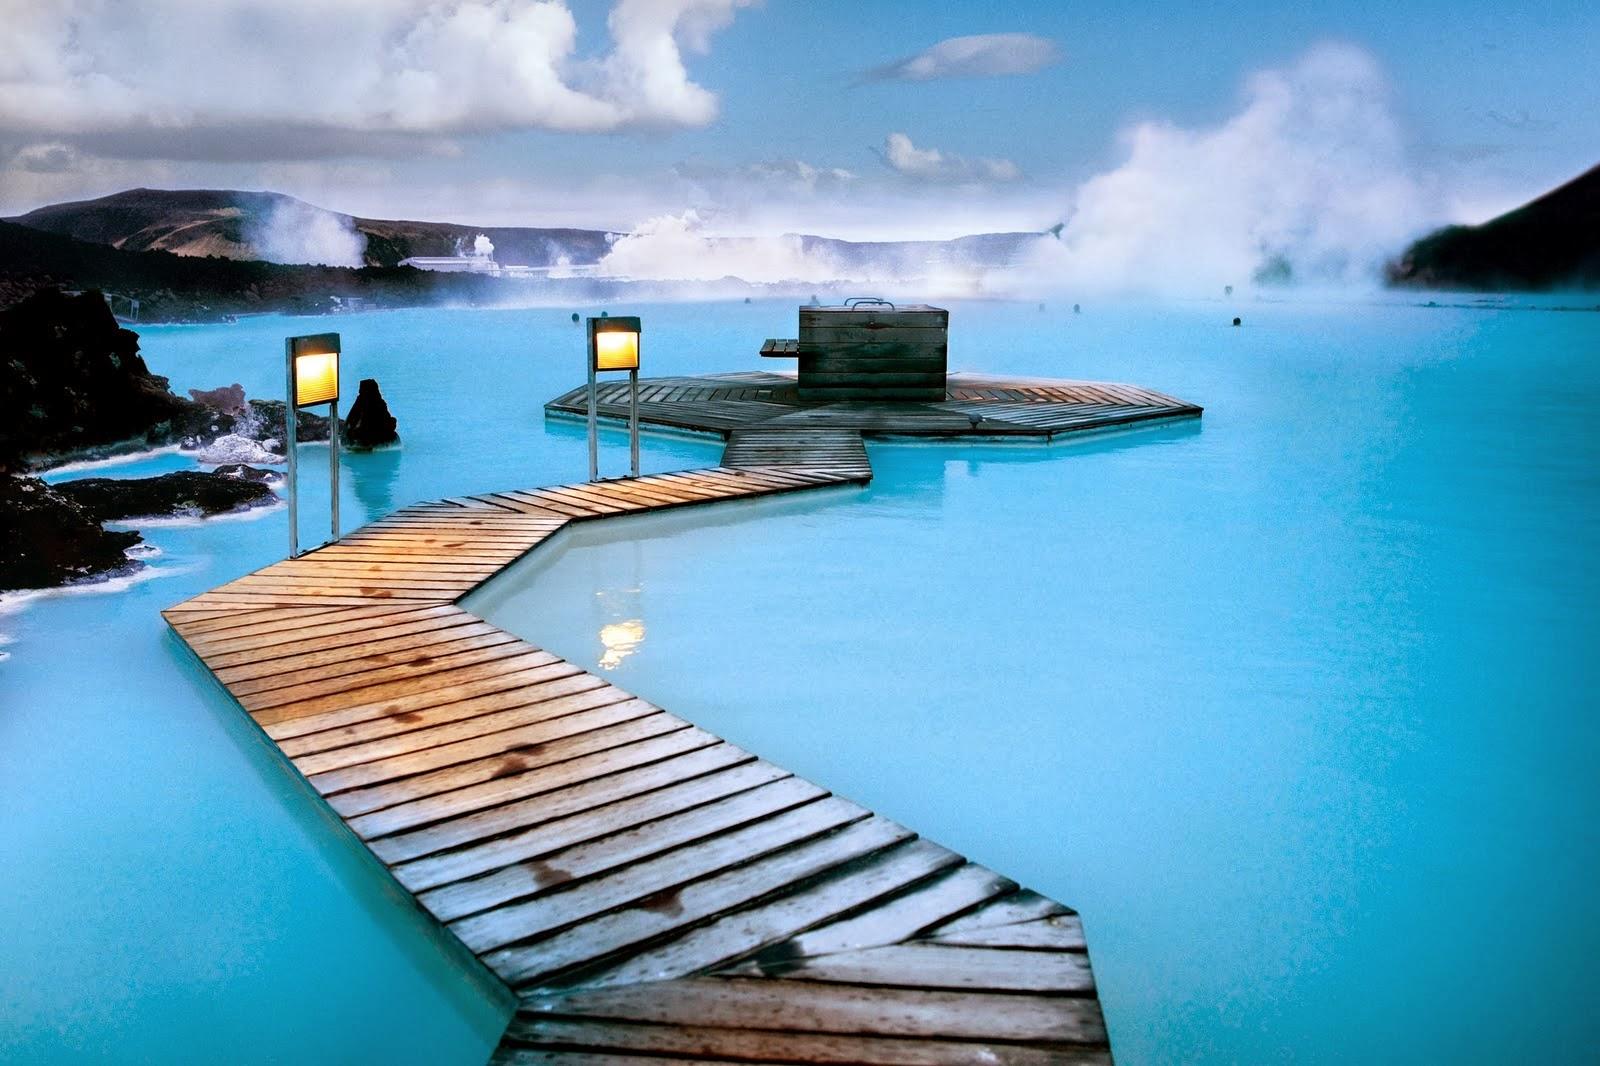 冰島藍湖旅遊